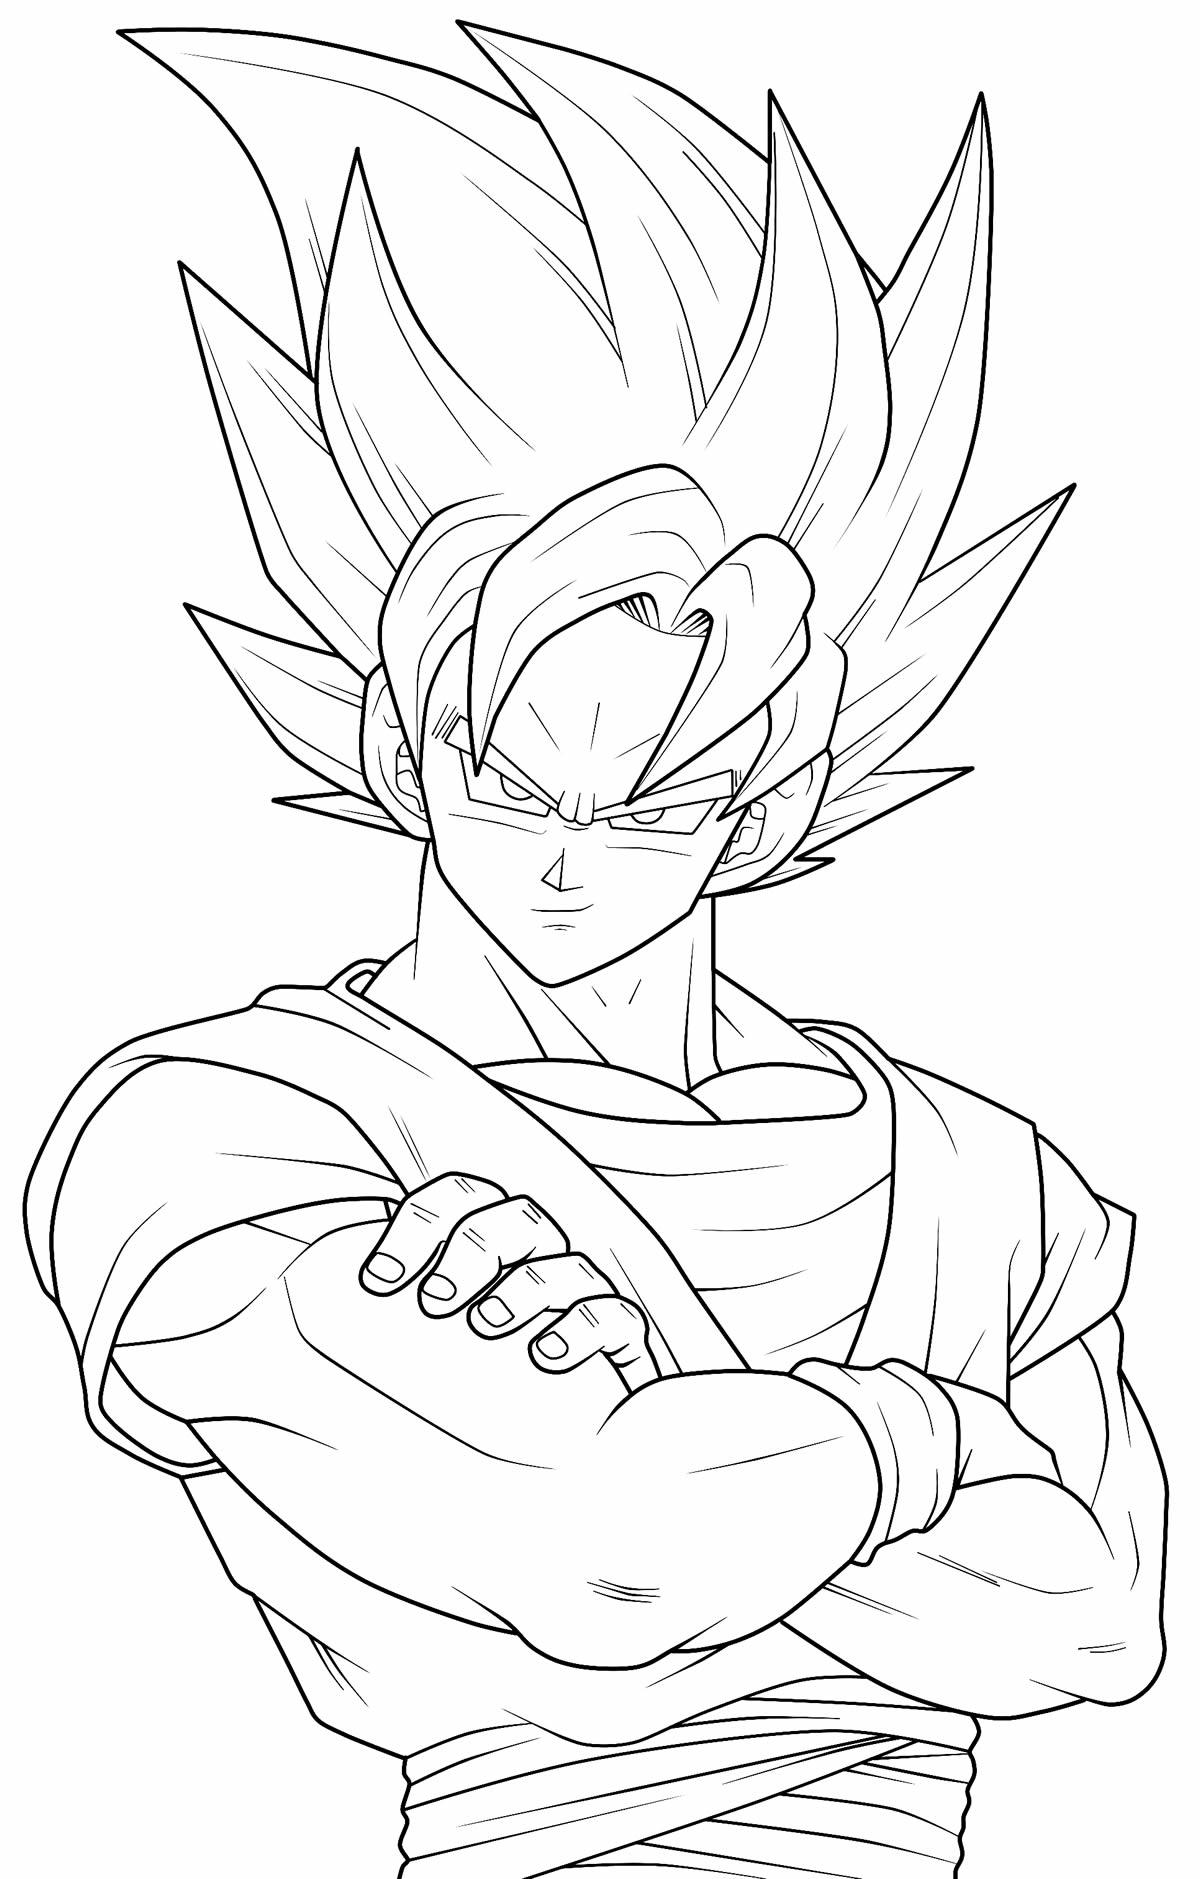 Imagem para colorir de Goku